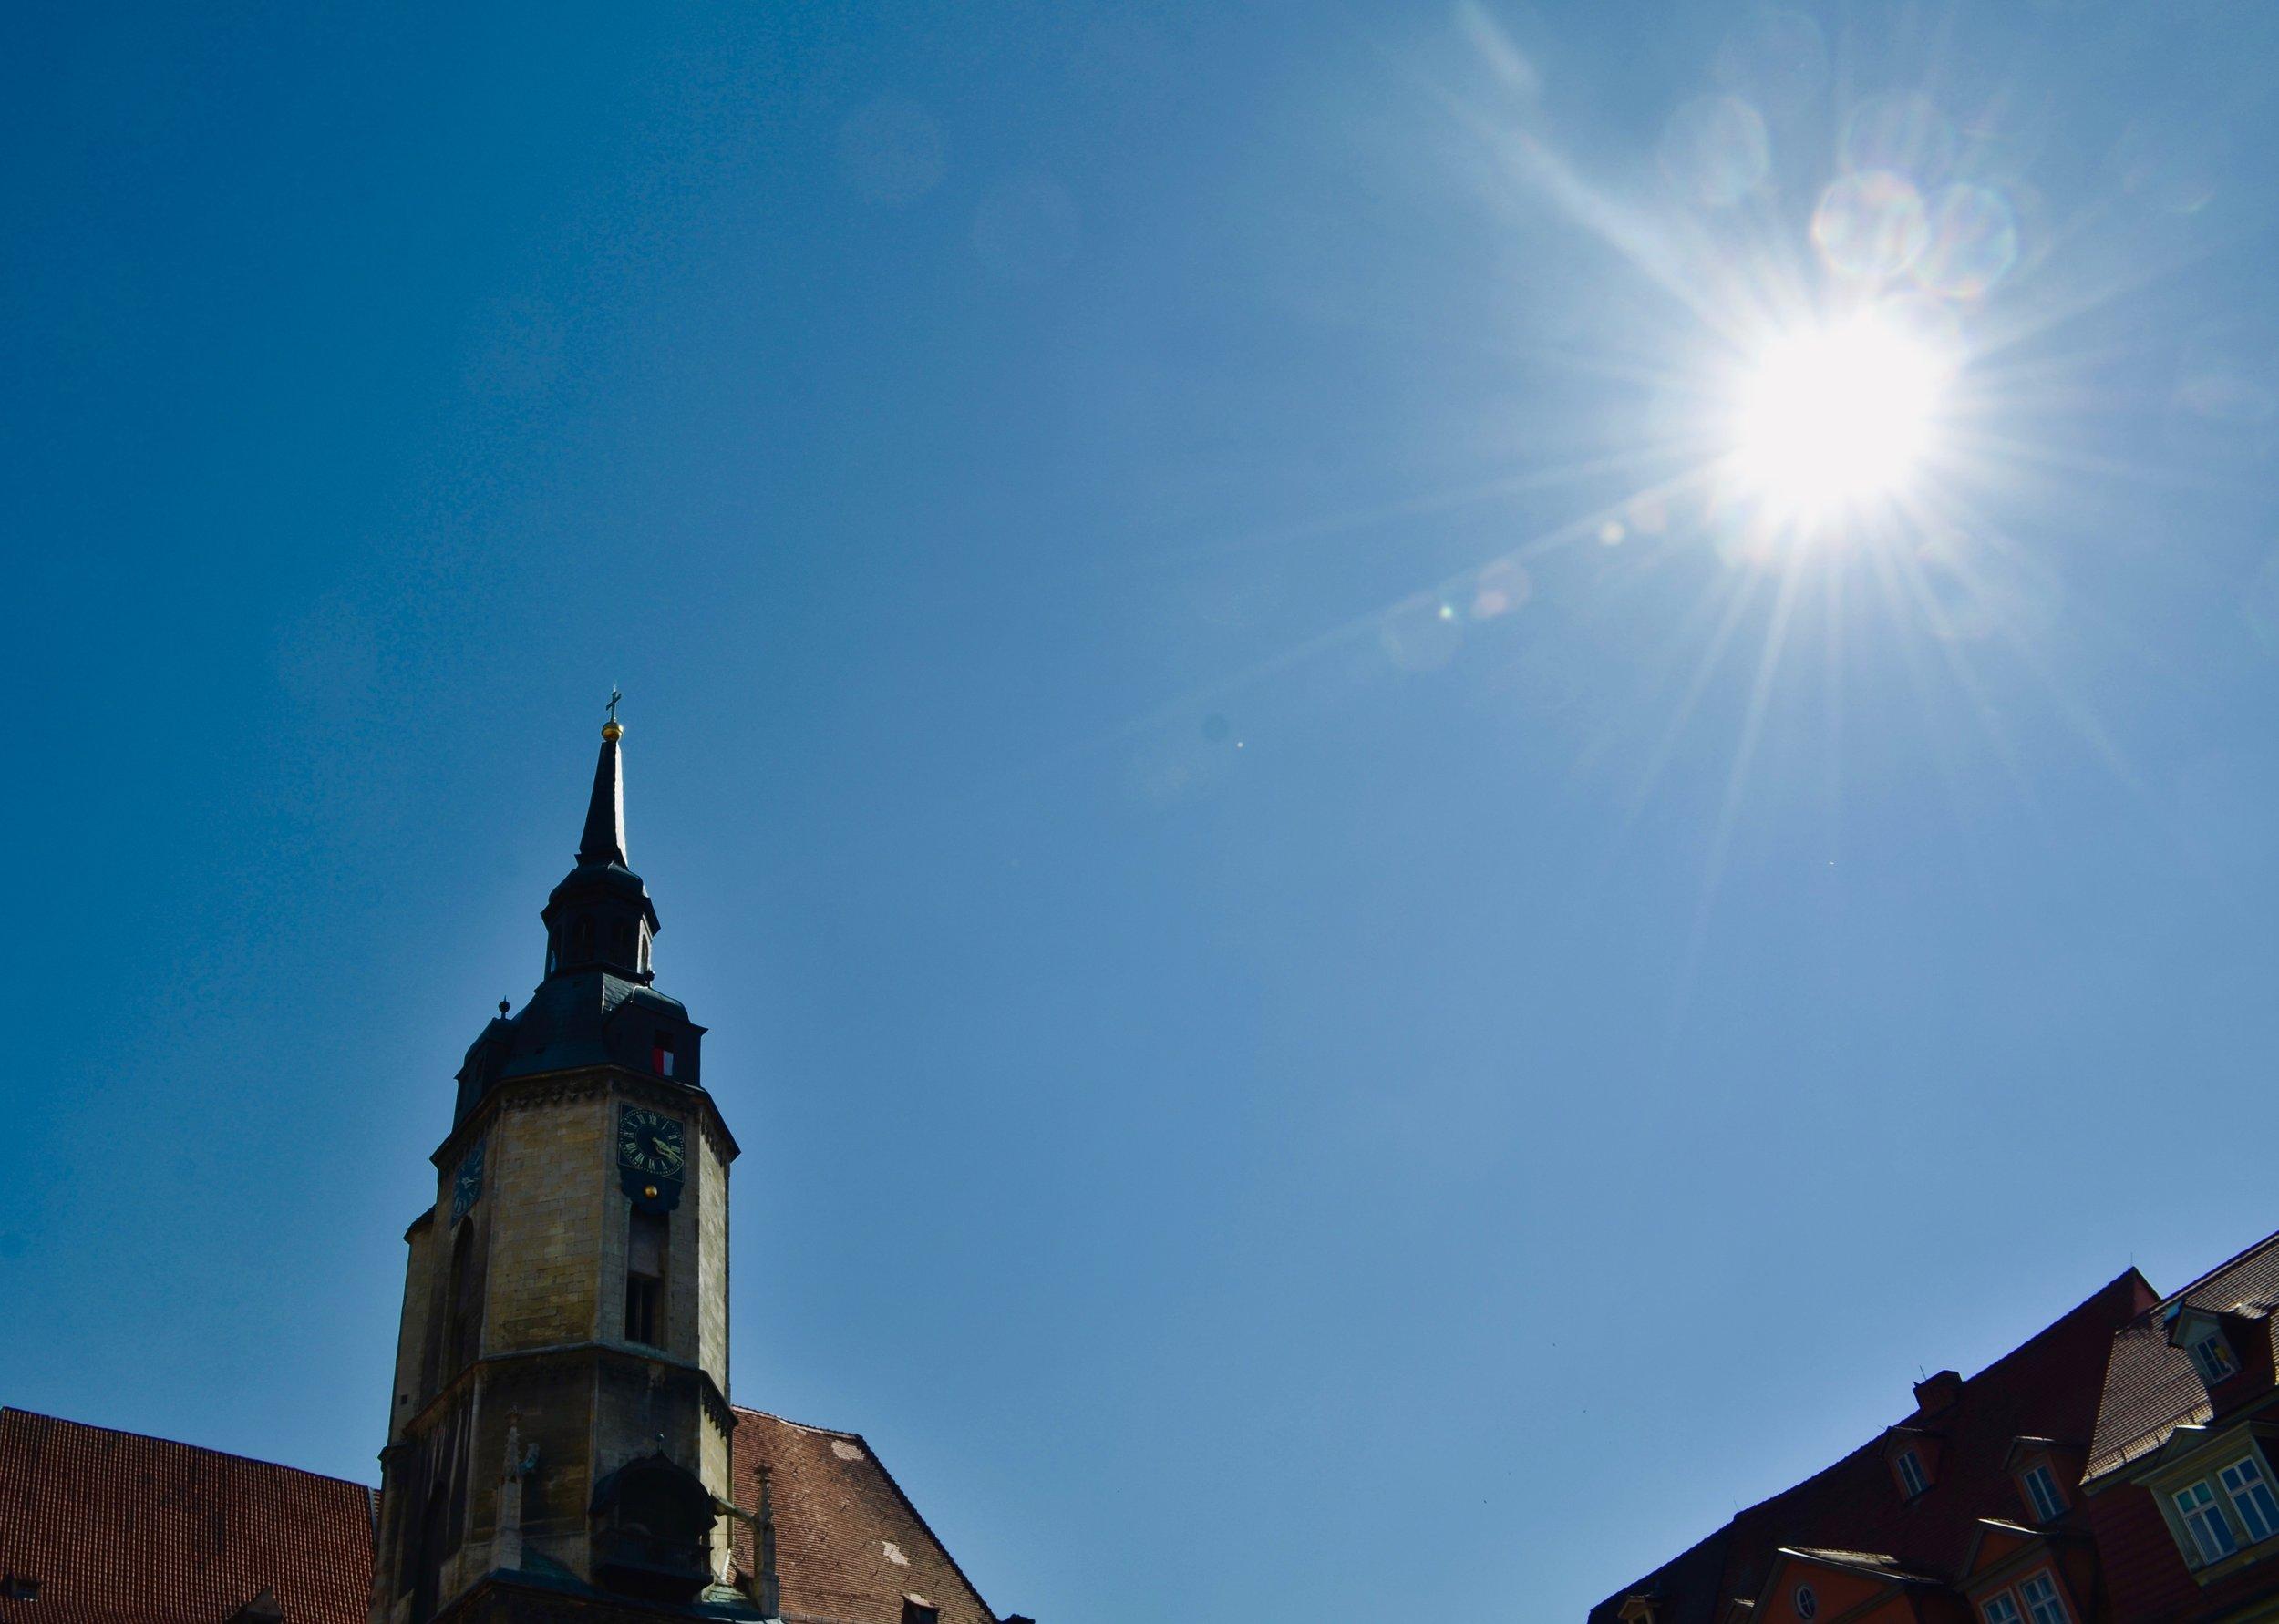 The spire of St. Wenzel, Naumburg.